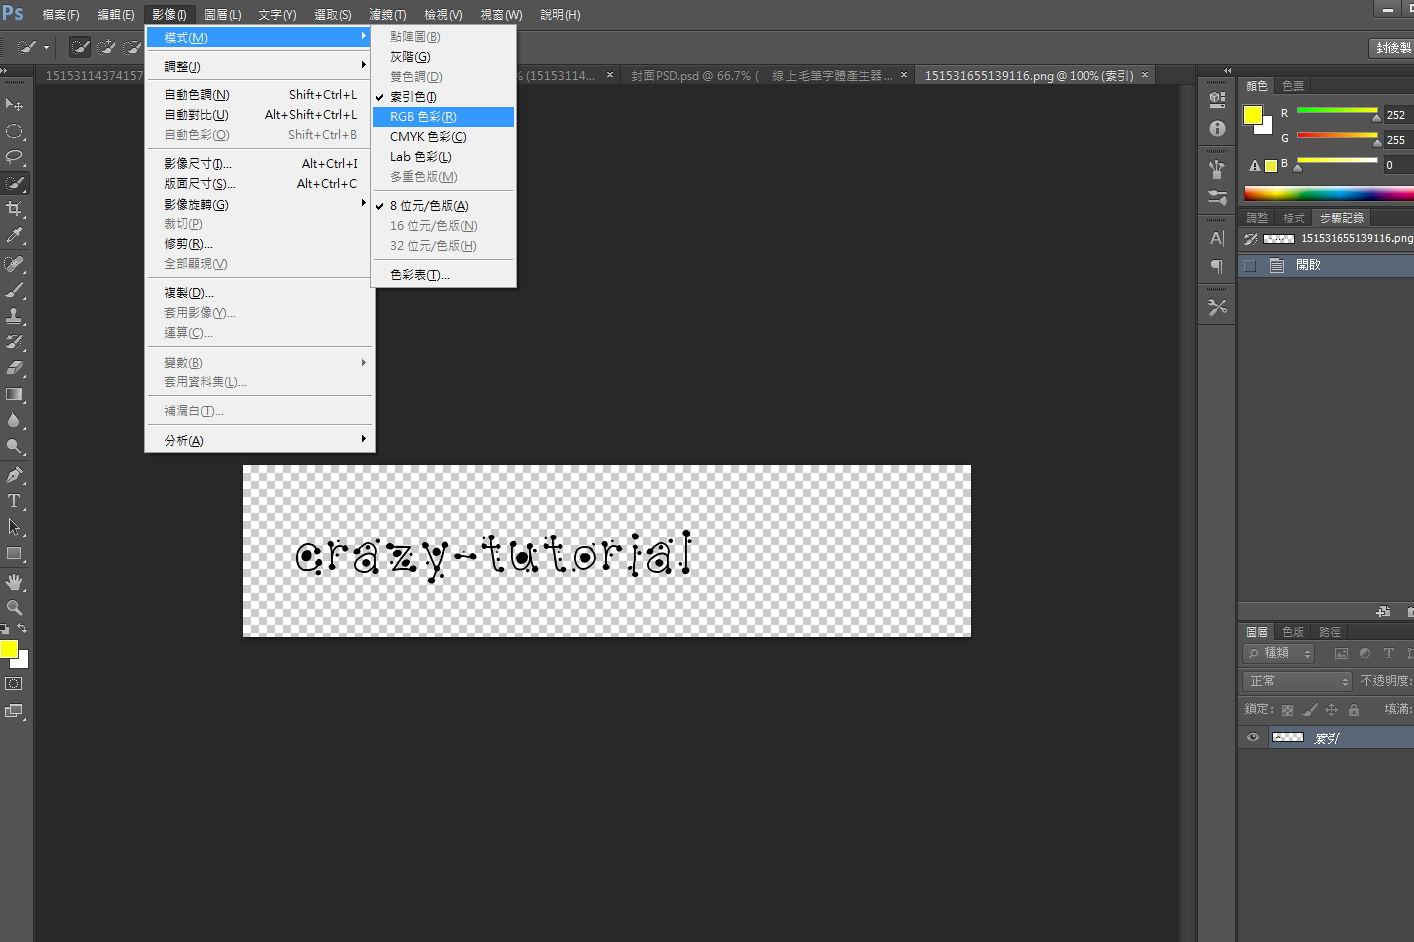 【草写产生器】线上草写英文字体产生器,草写英文转换和草写签名